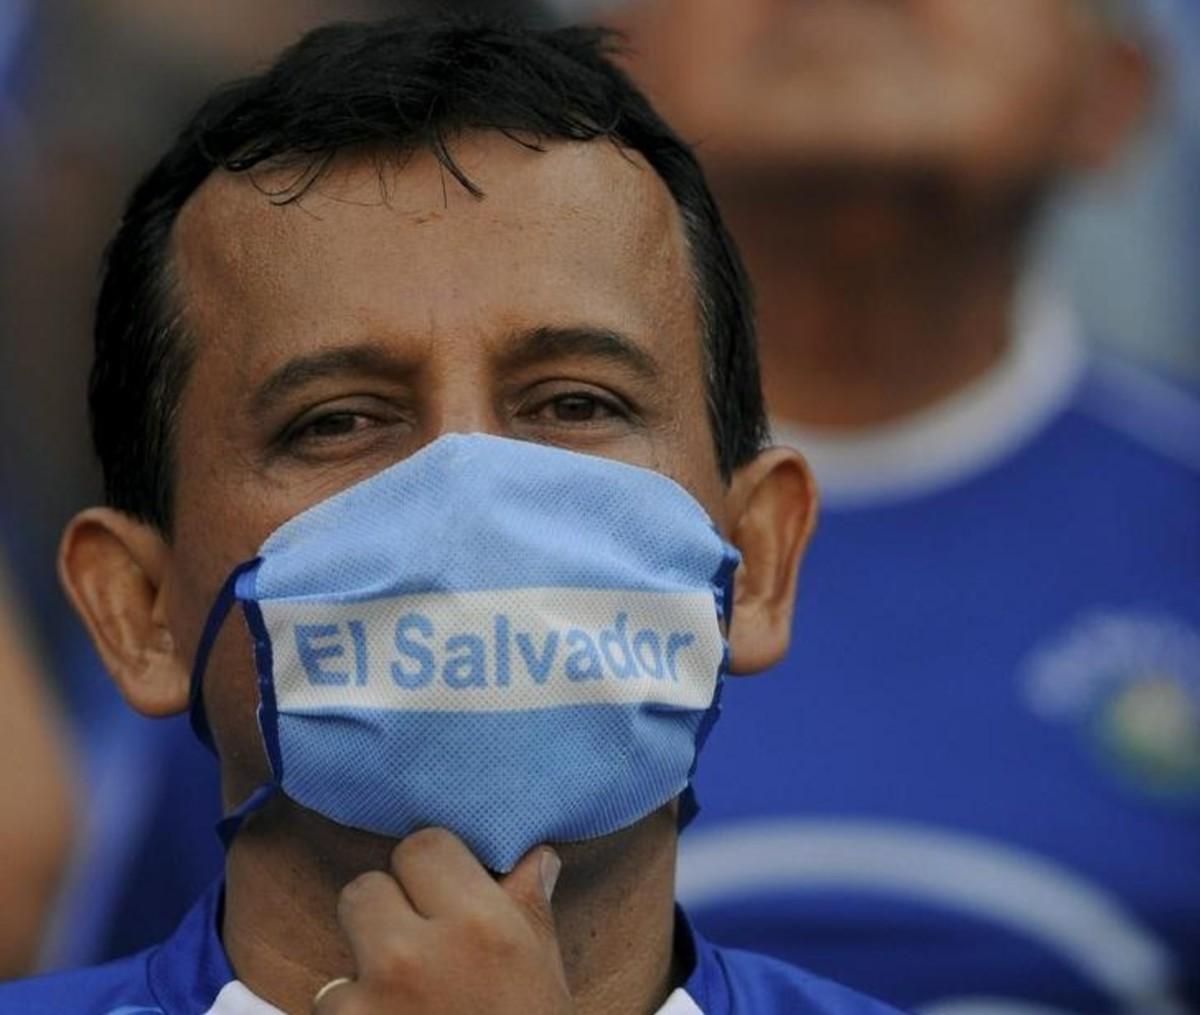 Με μάσκες το Ντιναμό-Ίντερ | Newsit.gr